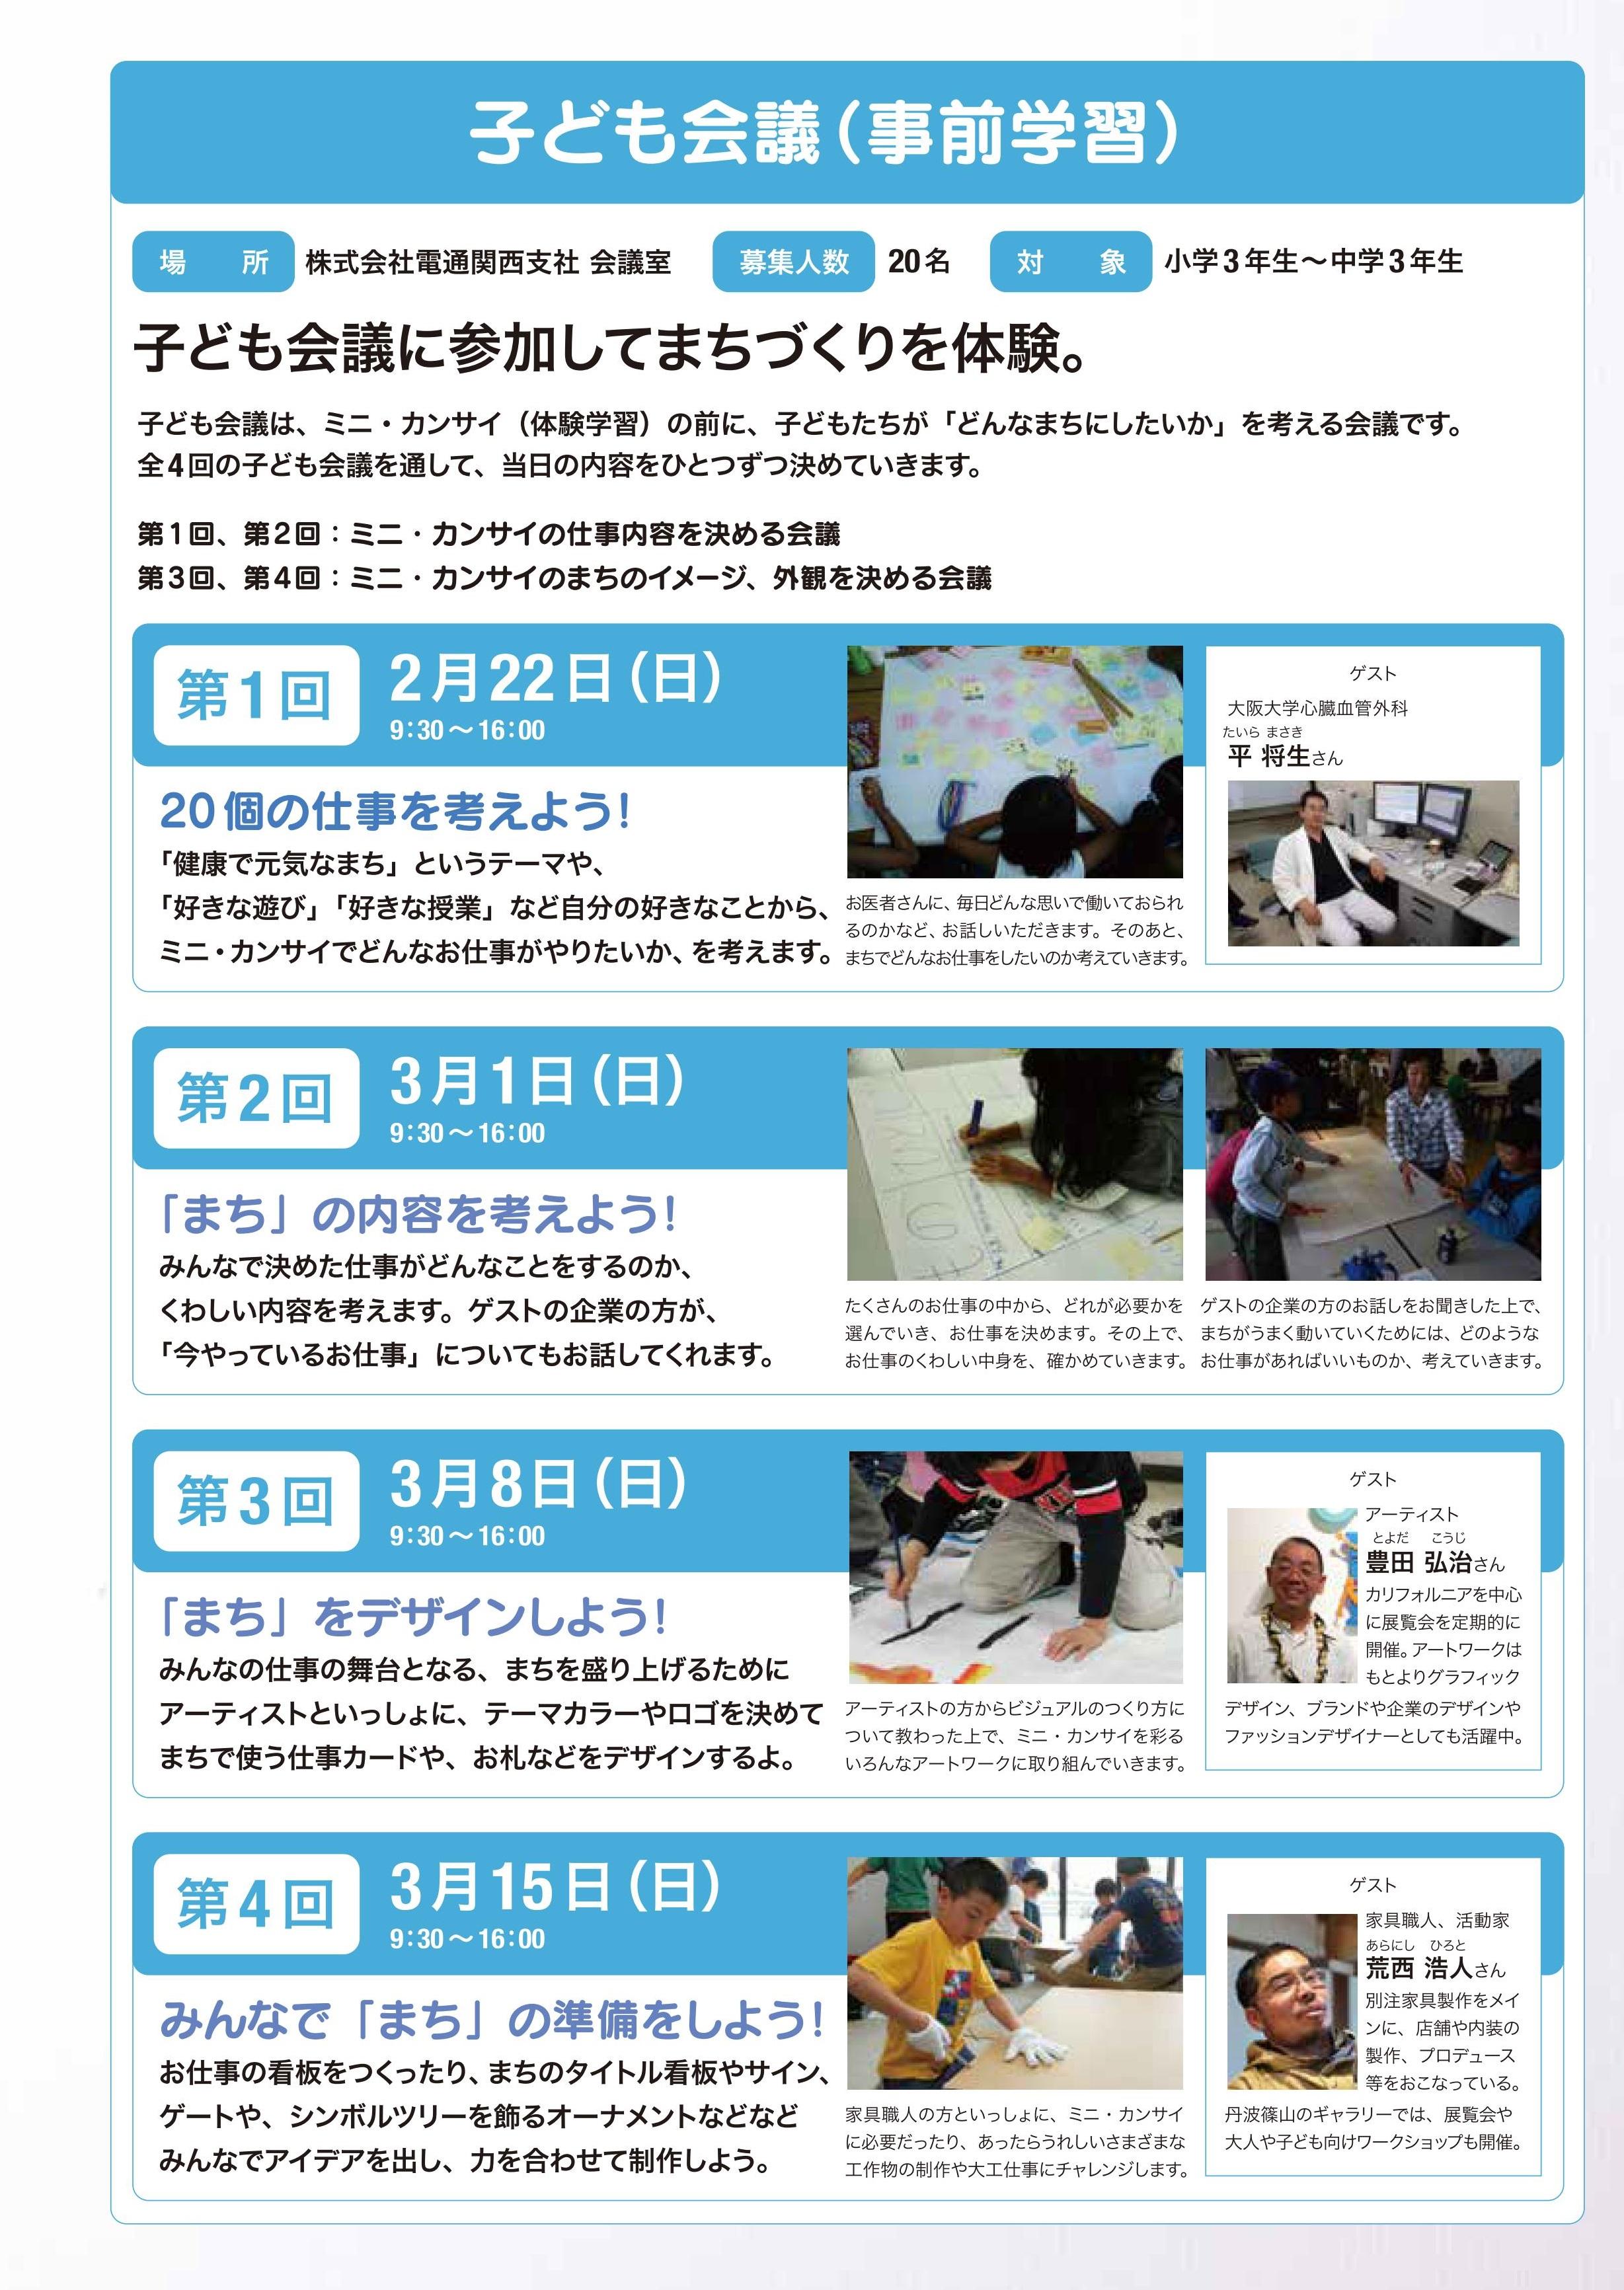 http://www.cobon.jp/news/150203%E3%83%9F%E3%83%8B%E3%82%AB%E3%83%B3%E3%82%B5%E3%82%A4%20%E3%83%AA%E3%83%BC%E3%83%9502.jpg